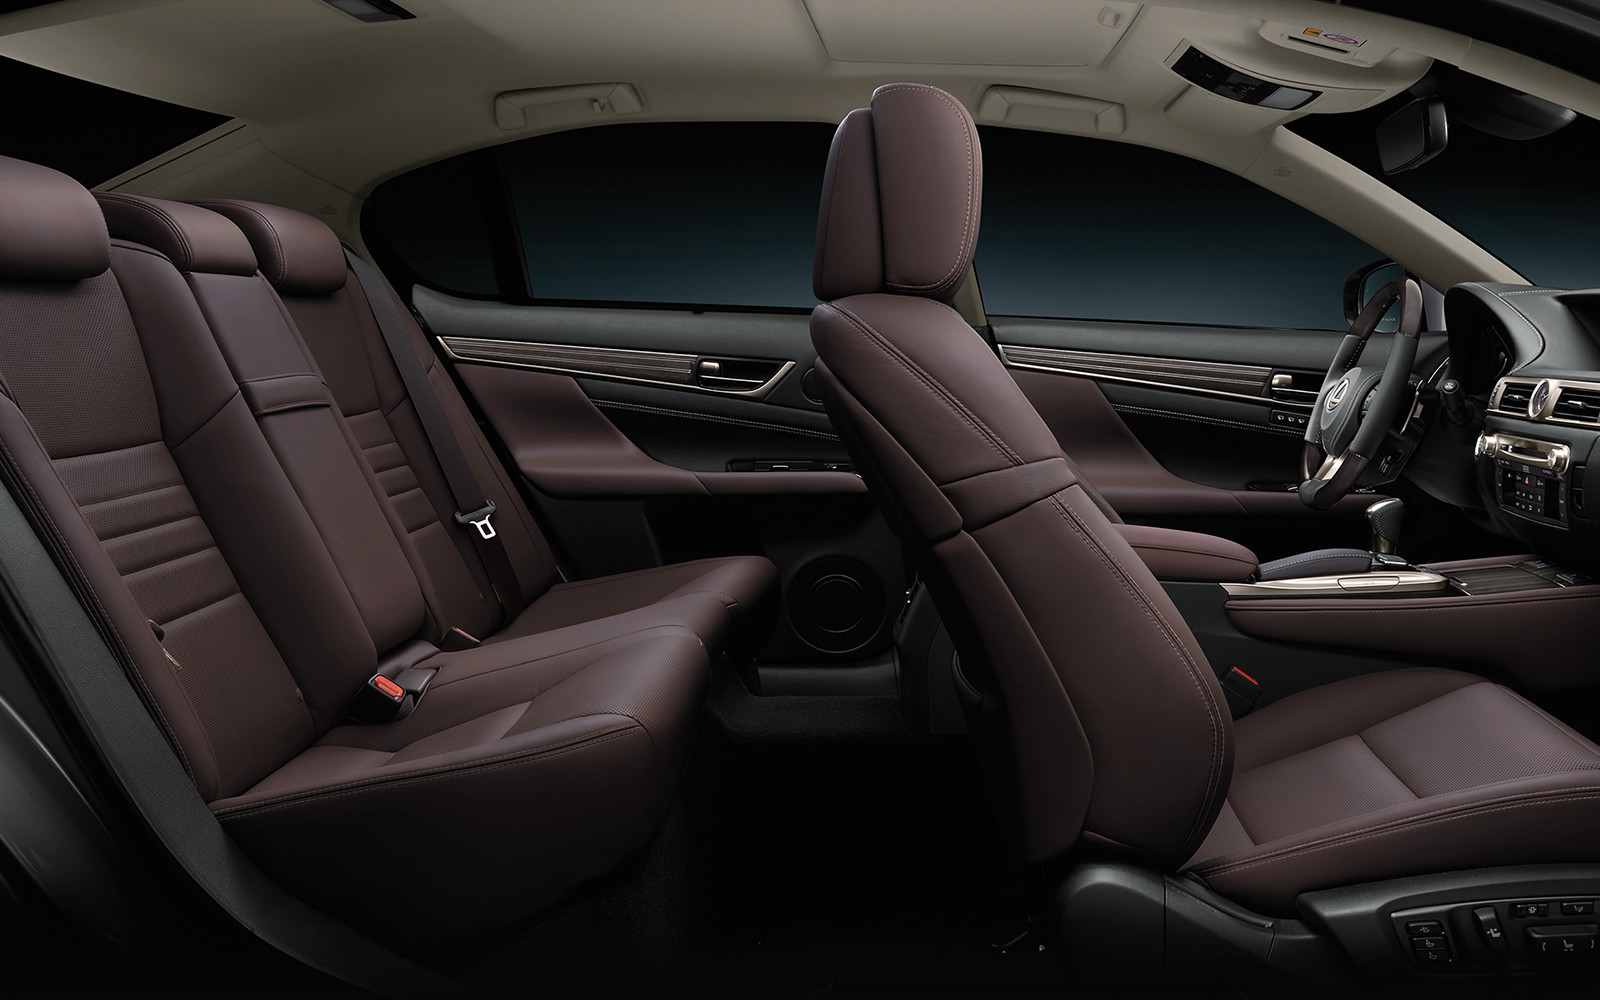 Đánh giá Lexus GS350 2019: nội ngoại thất, động cơ, giá bán xe